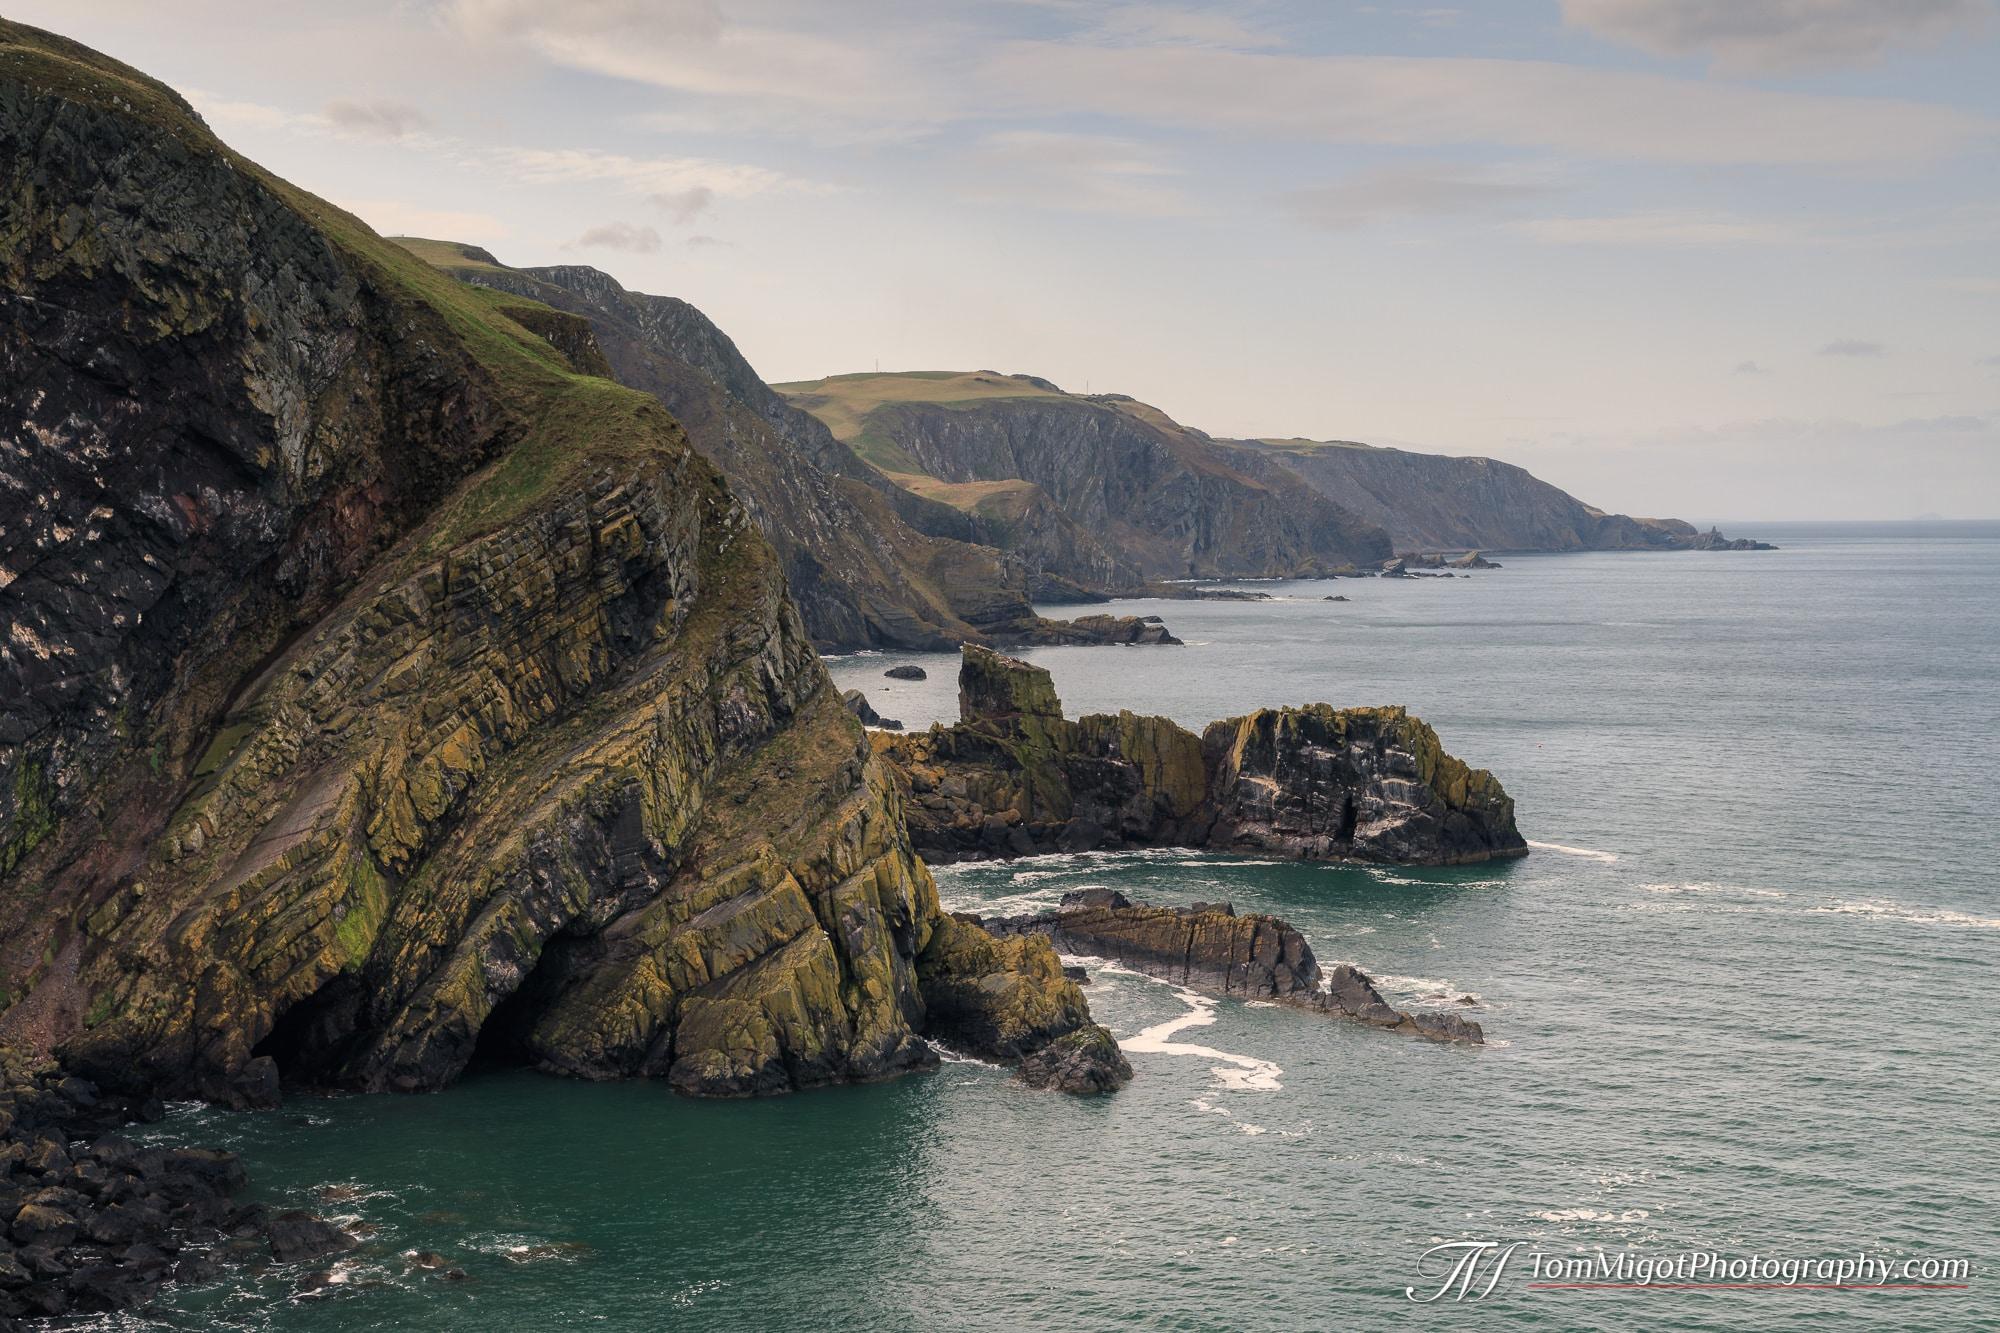 Formation rocheuse intéressante sur la côte des Scottish Borders